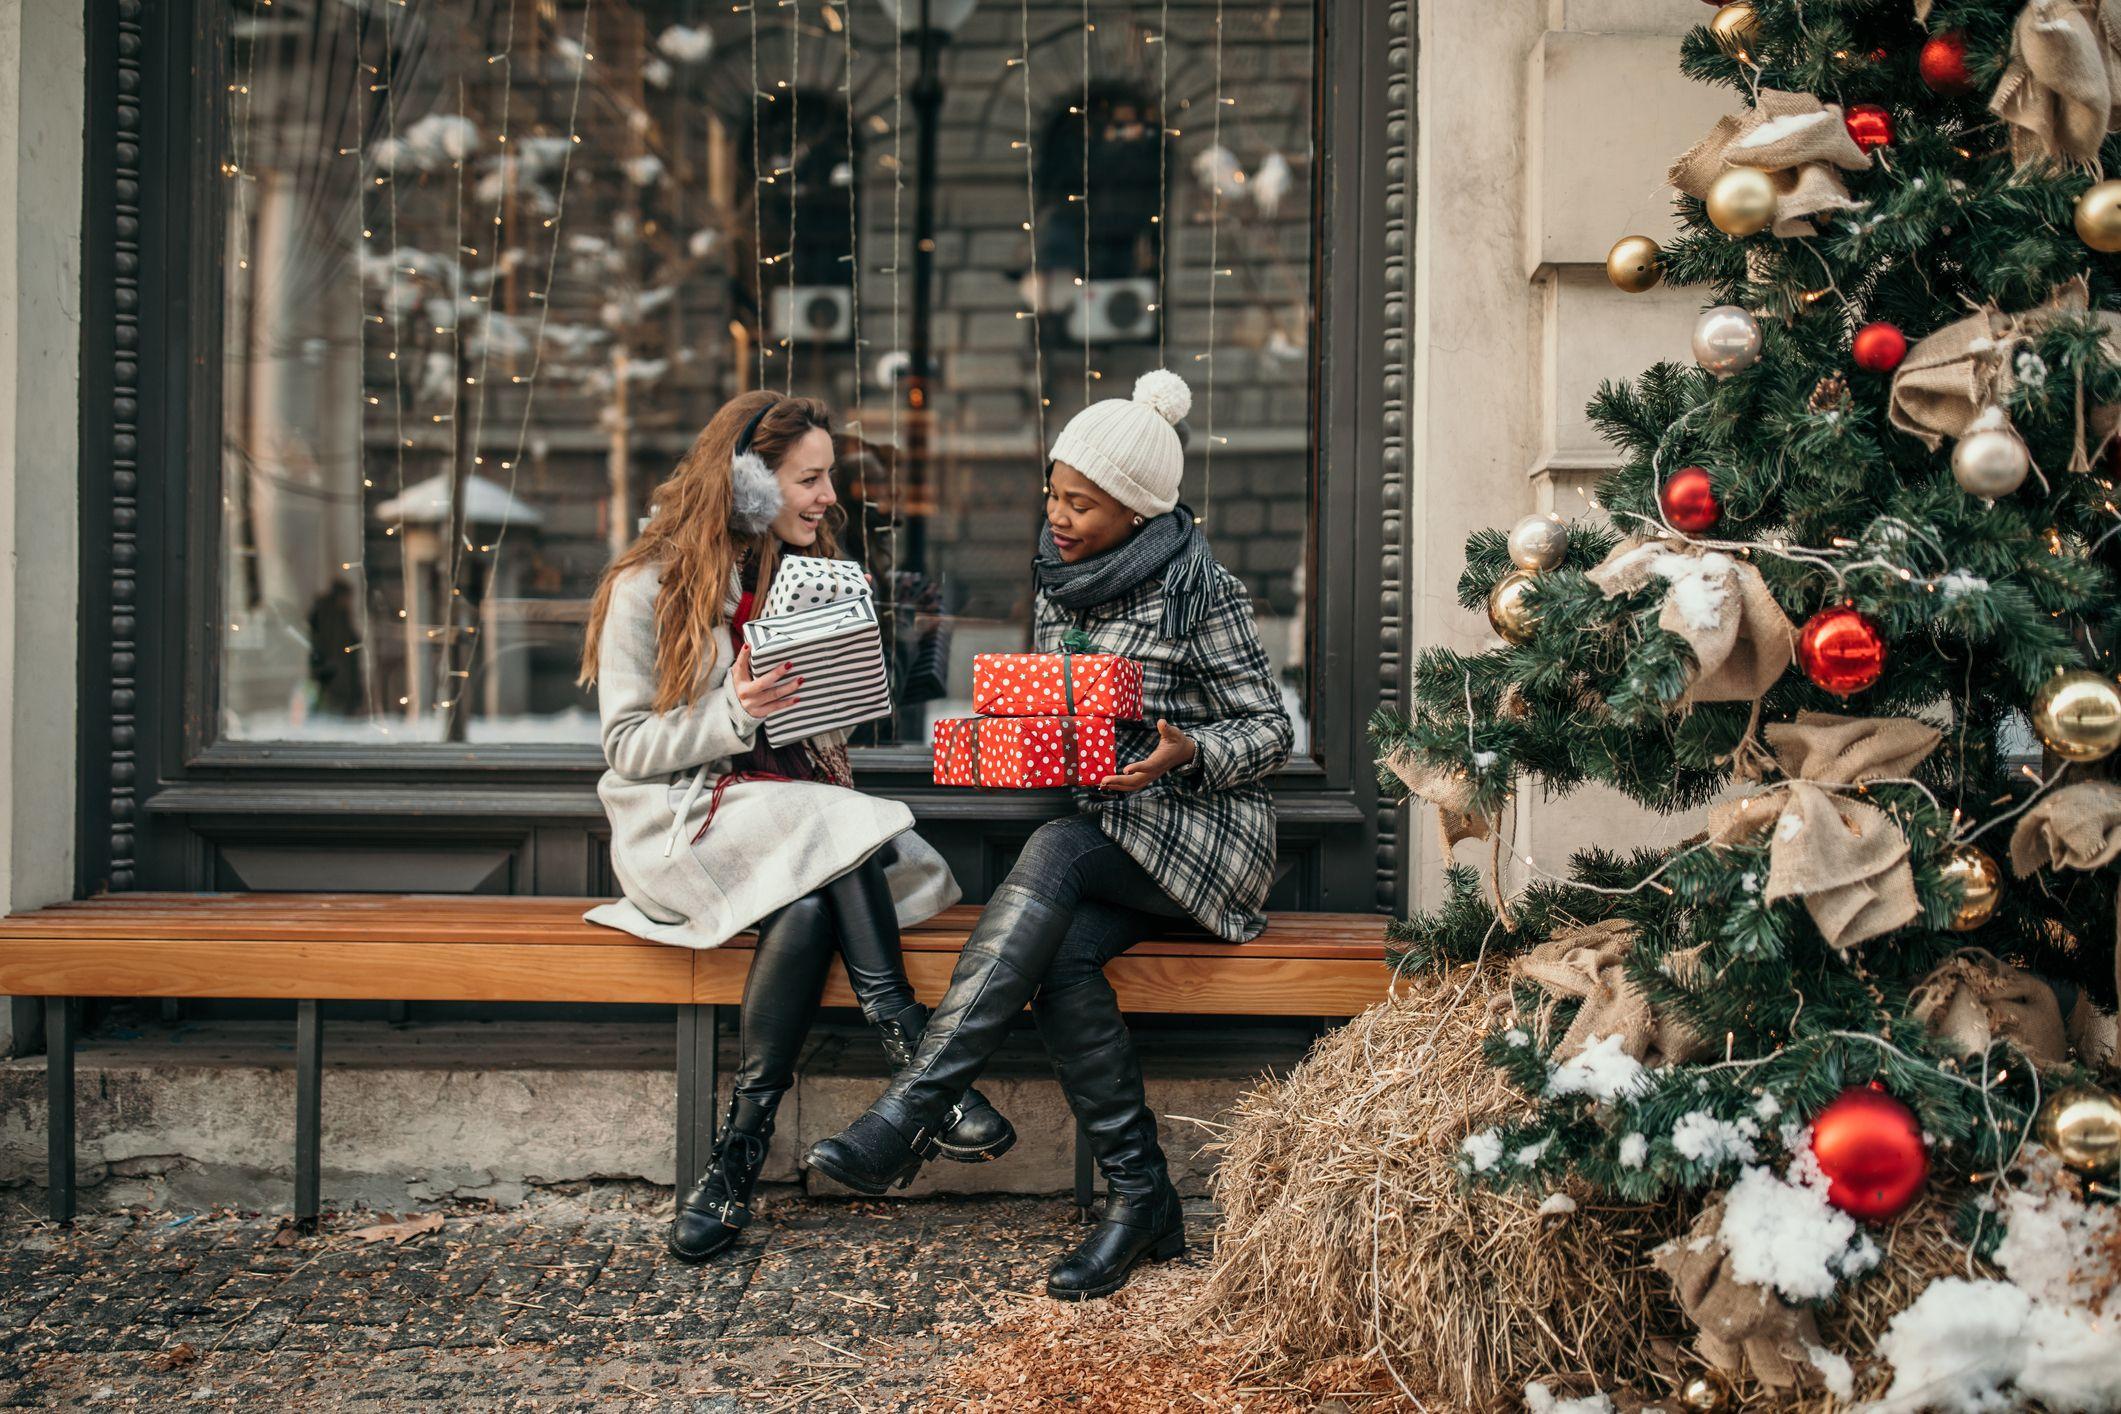 deux jeunes femmes shopping pour noël